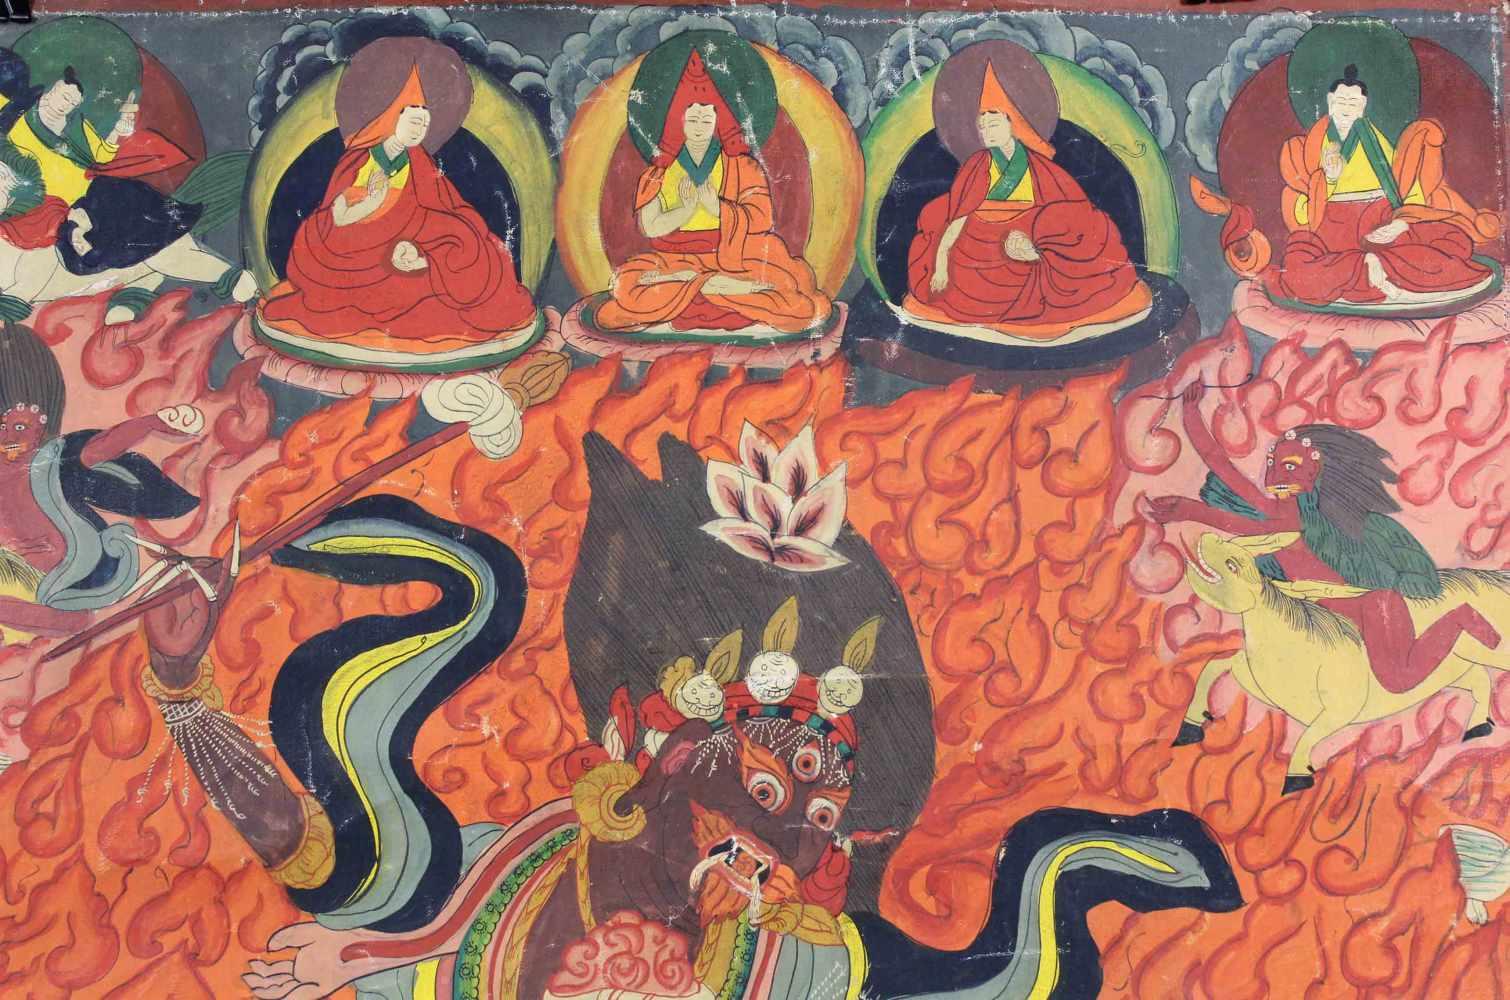 Lot 23 - Palden Lhamo Thangka, China / Tibet alt.64 cm x 45,5 cm. Gemälde.Palden Lhamo Thangka, China / Tibet